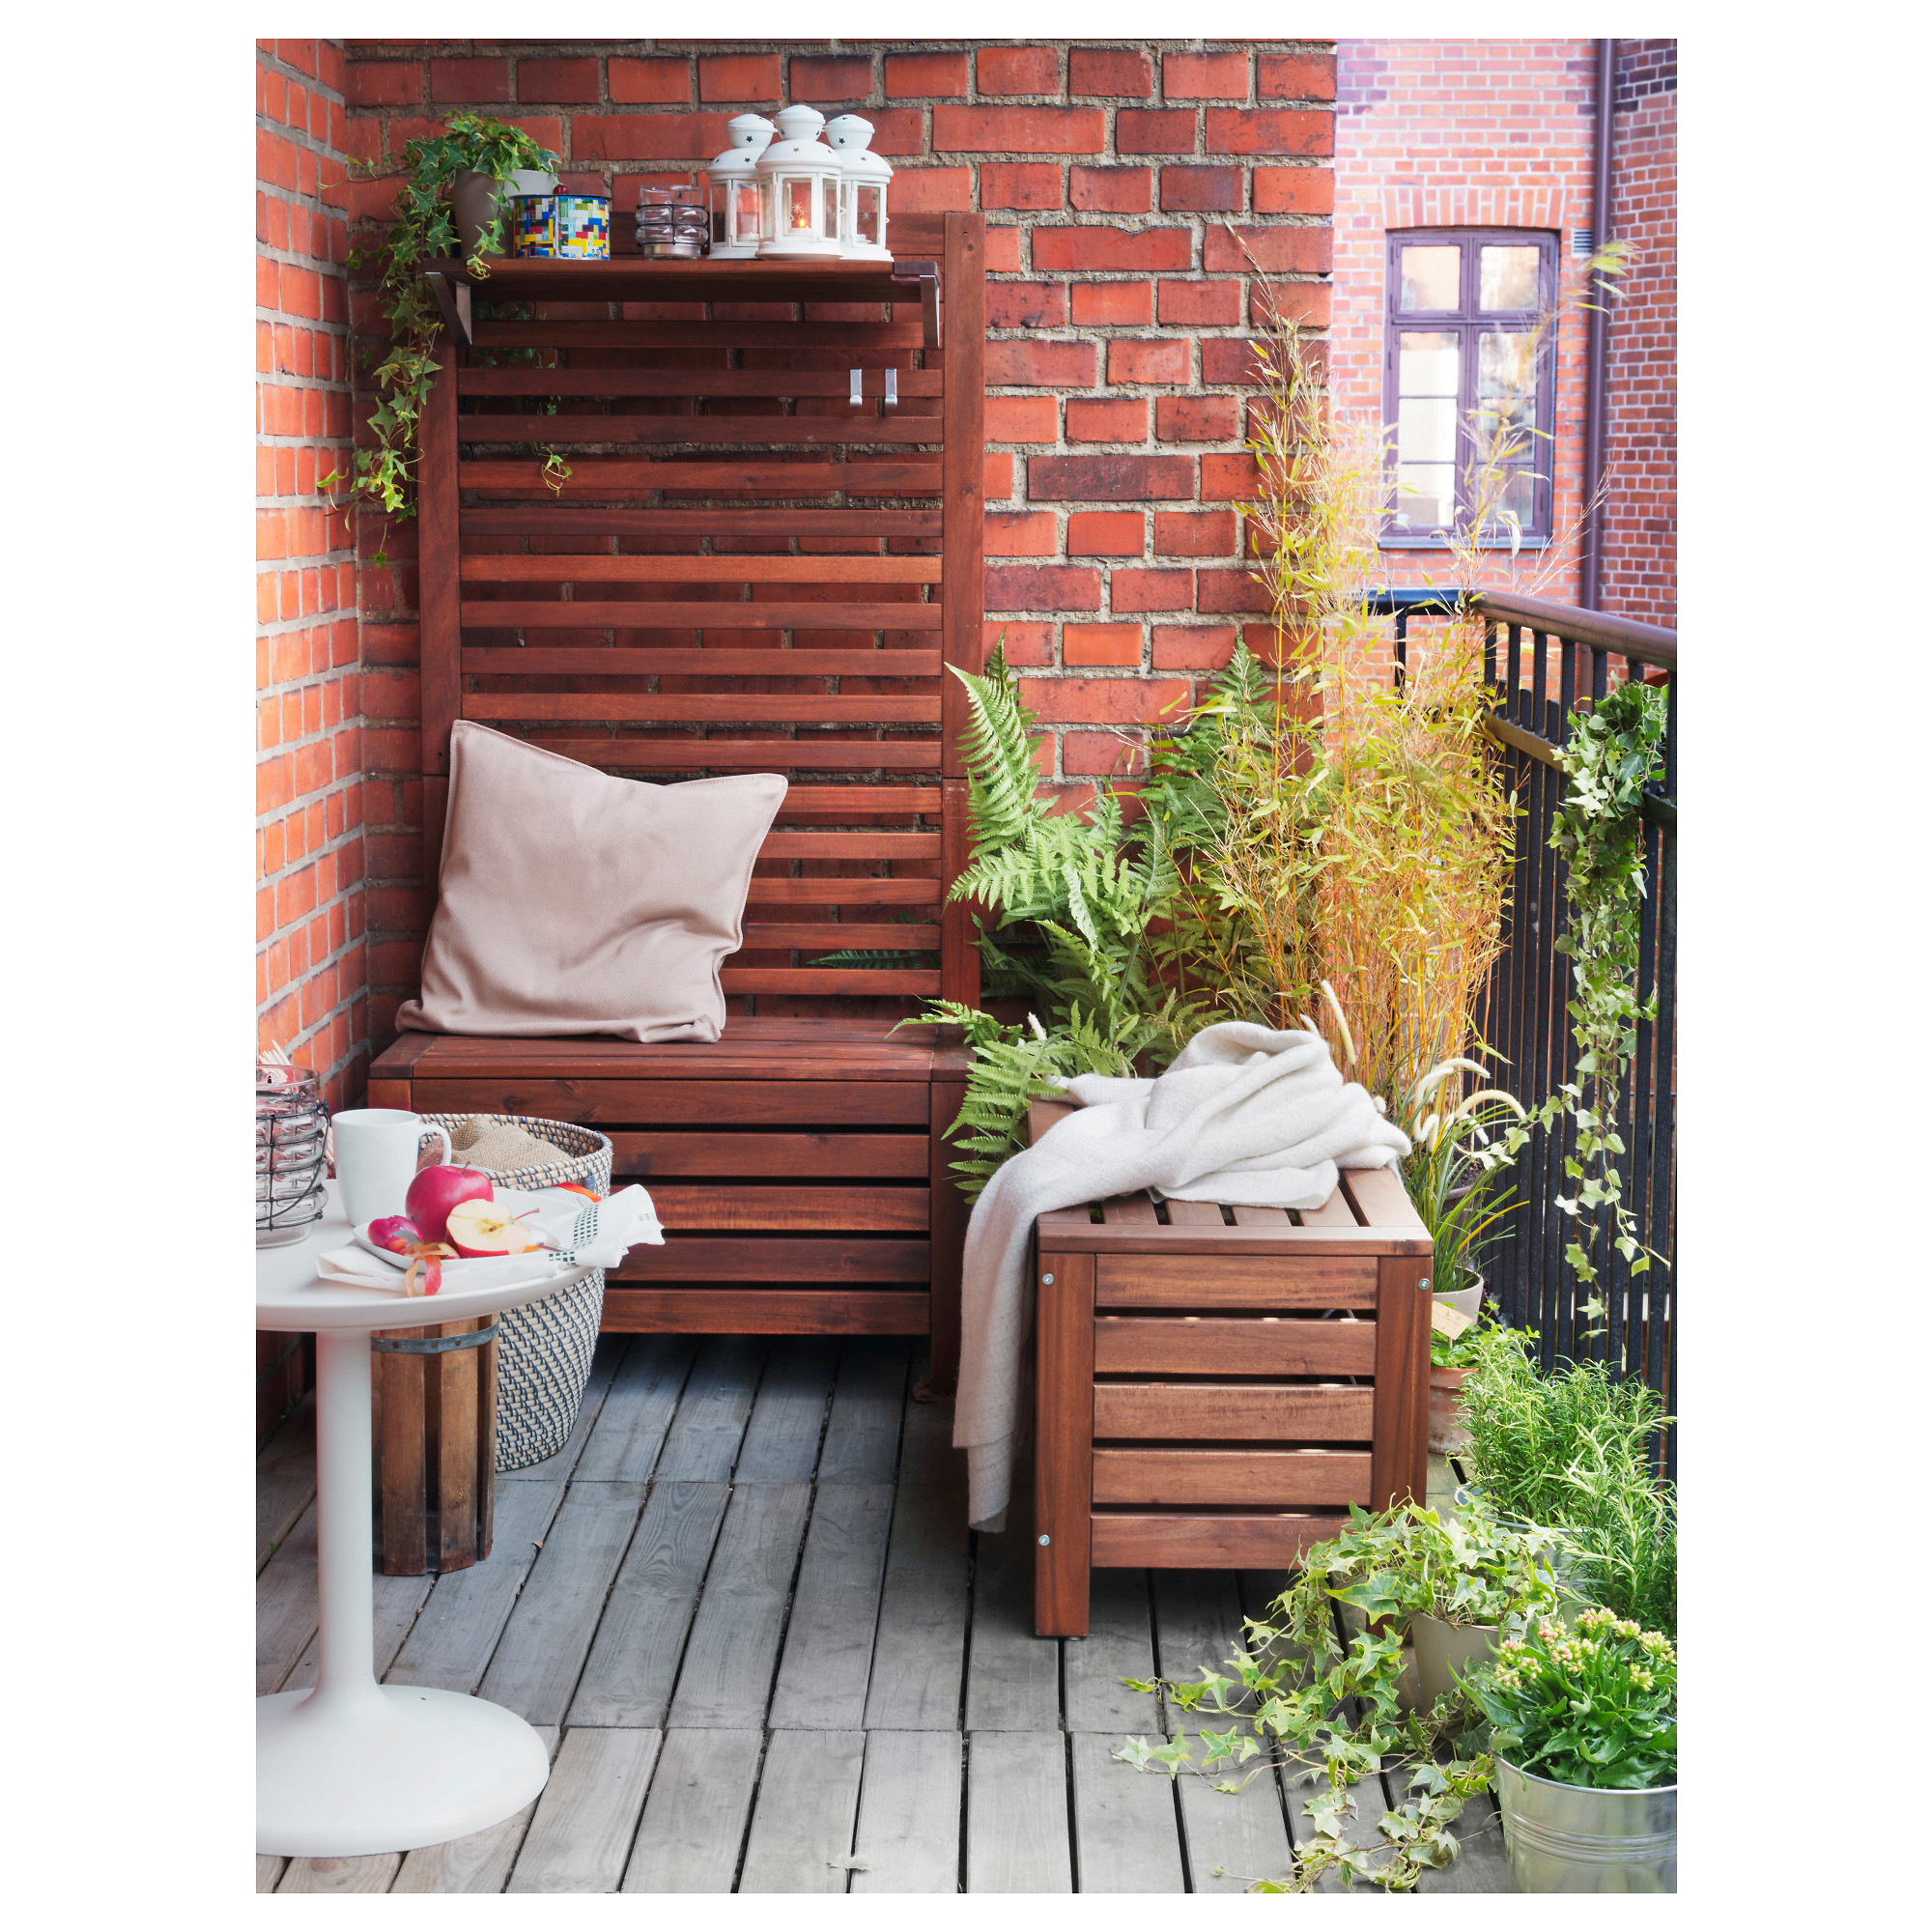 Купить садовая скамья с ящиком эпларо, коричневый коричневая.